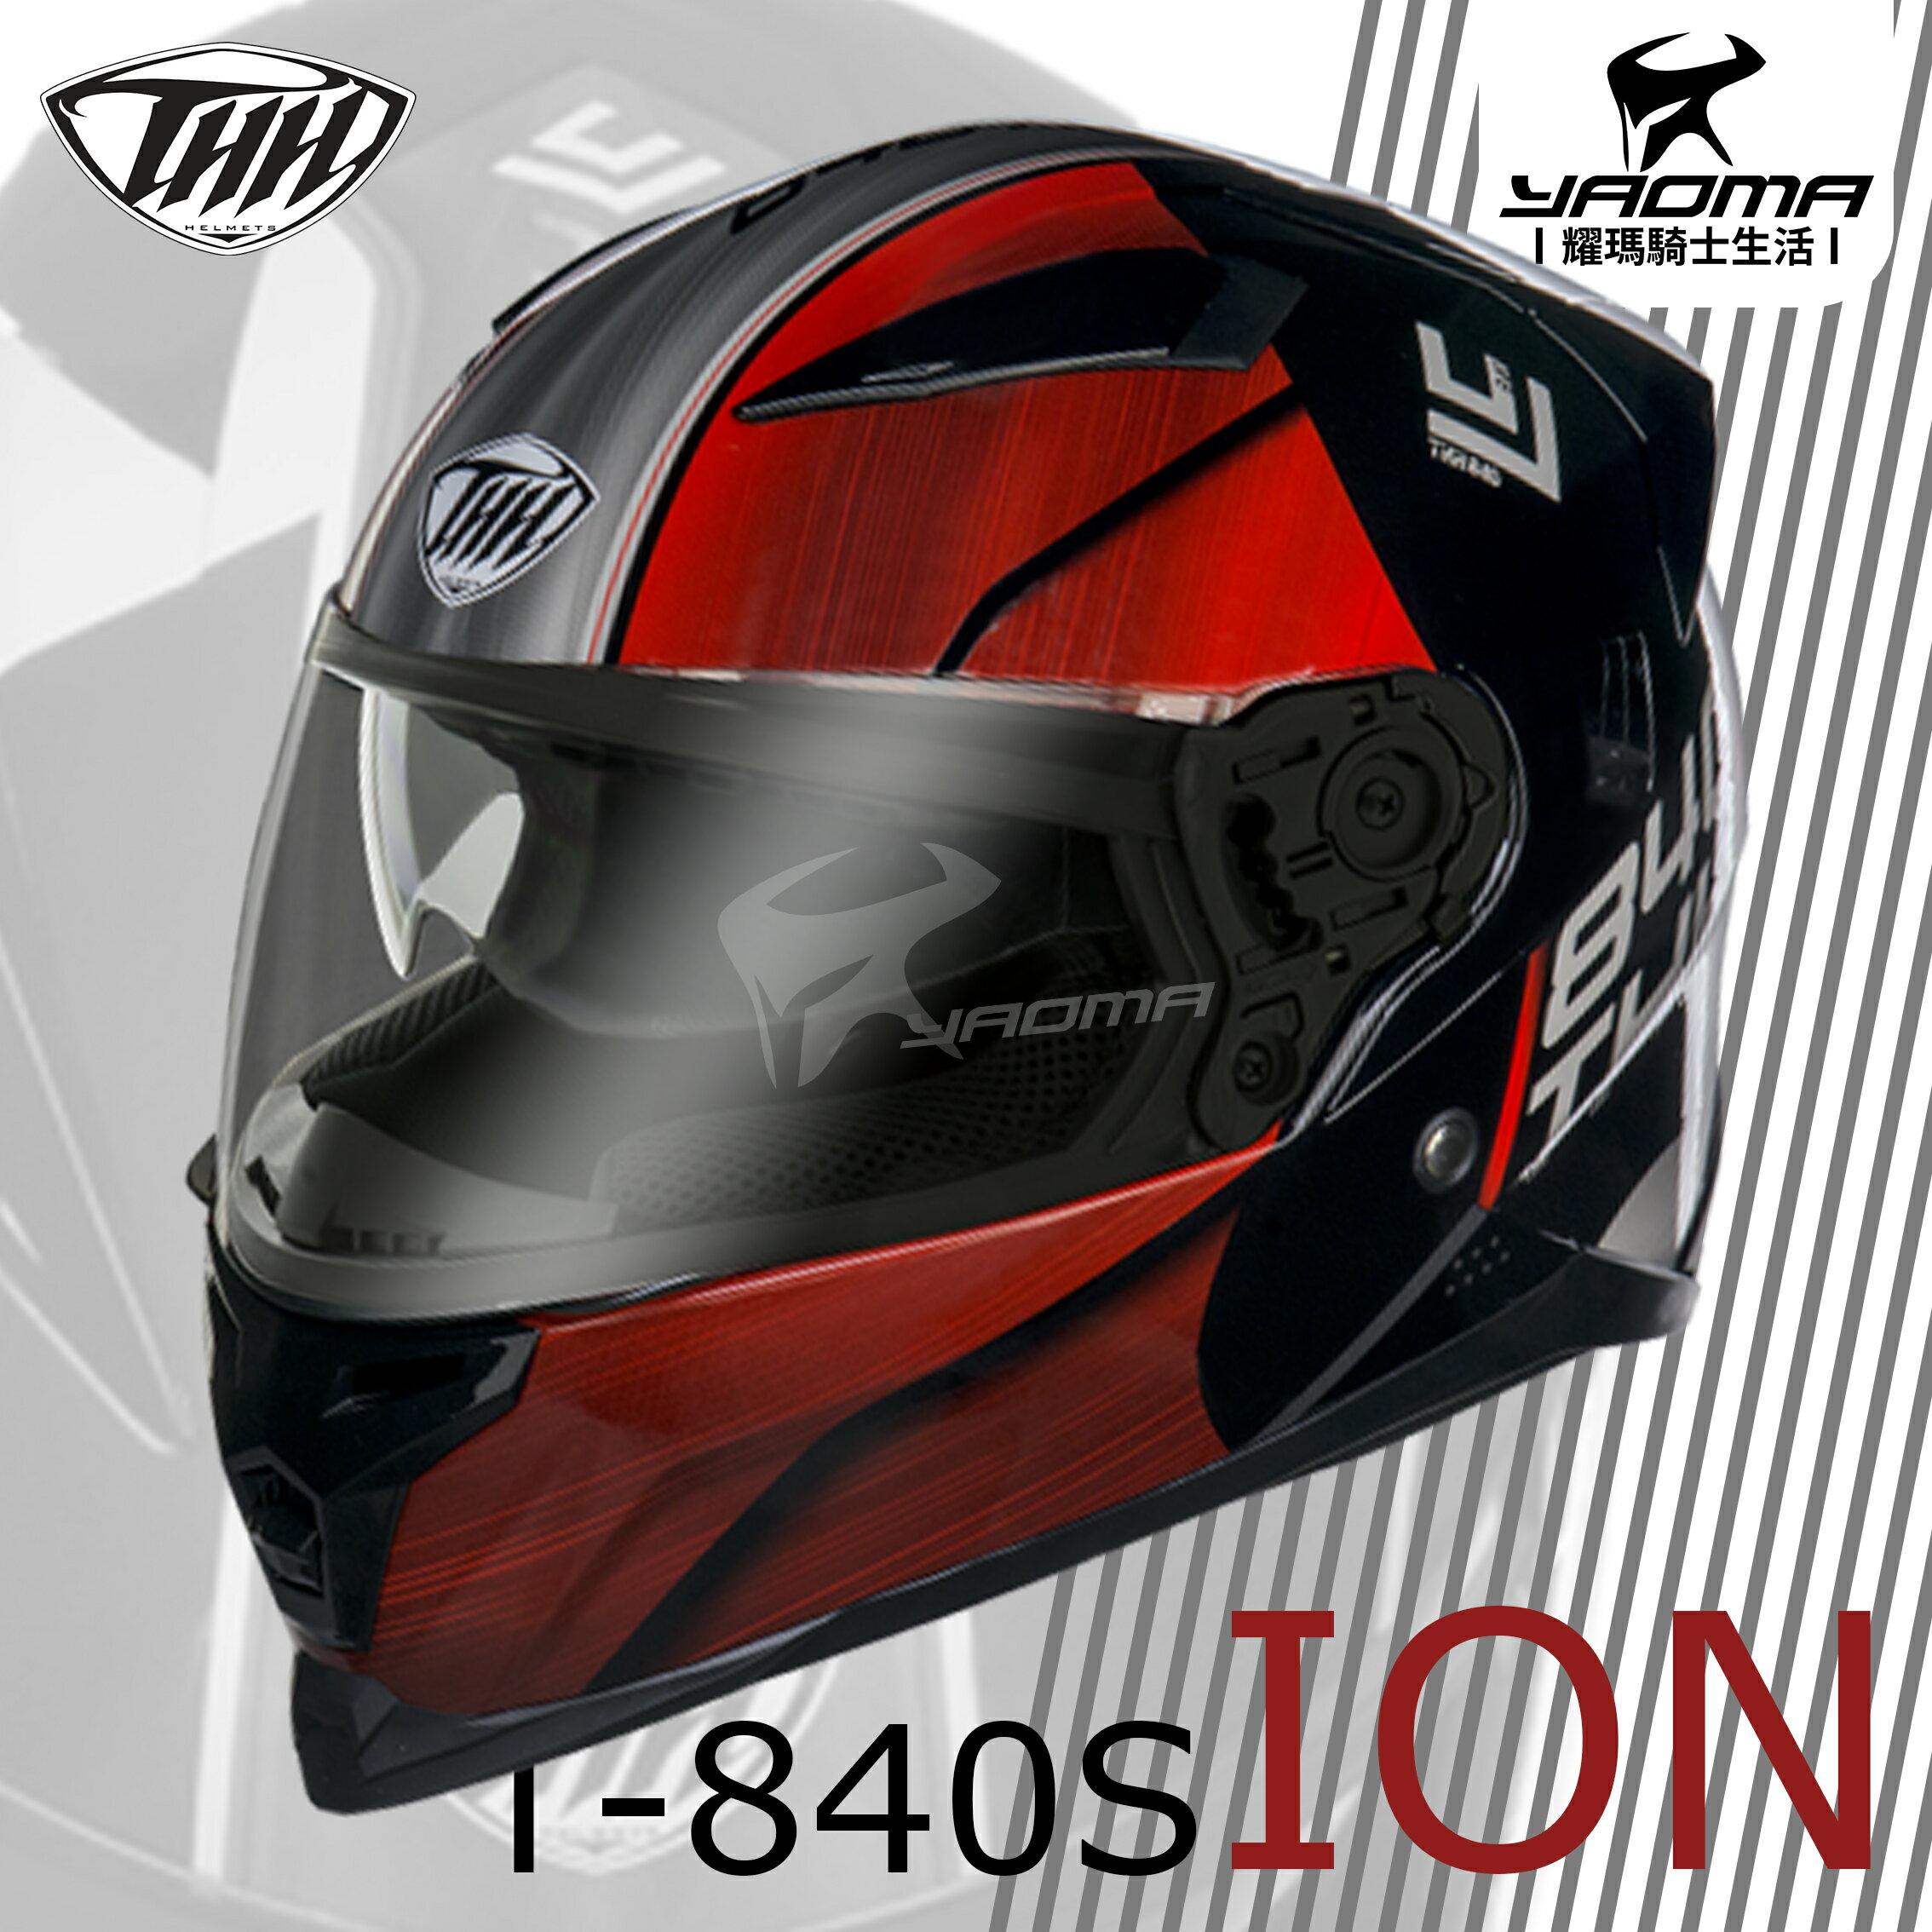 贈好禮 THH安全帽 T-840S ION 消光黑/紅灰 霧面 內置墨鏡 內鏡 雙D扣 全罩帽 T840S 耀瑪騎士